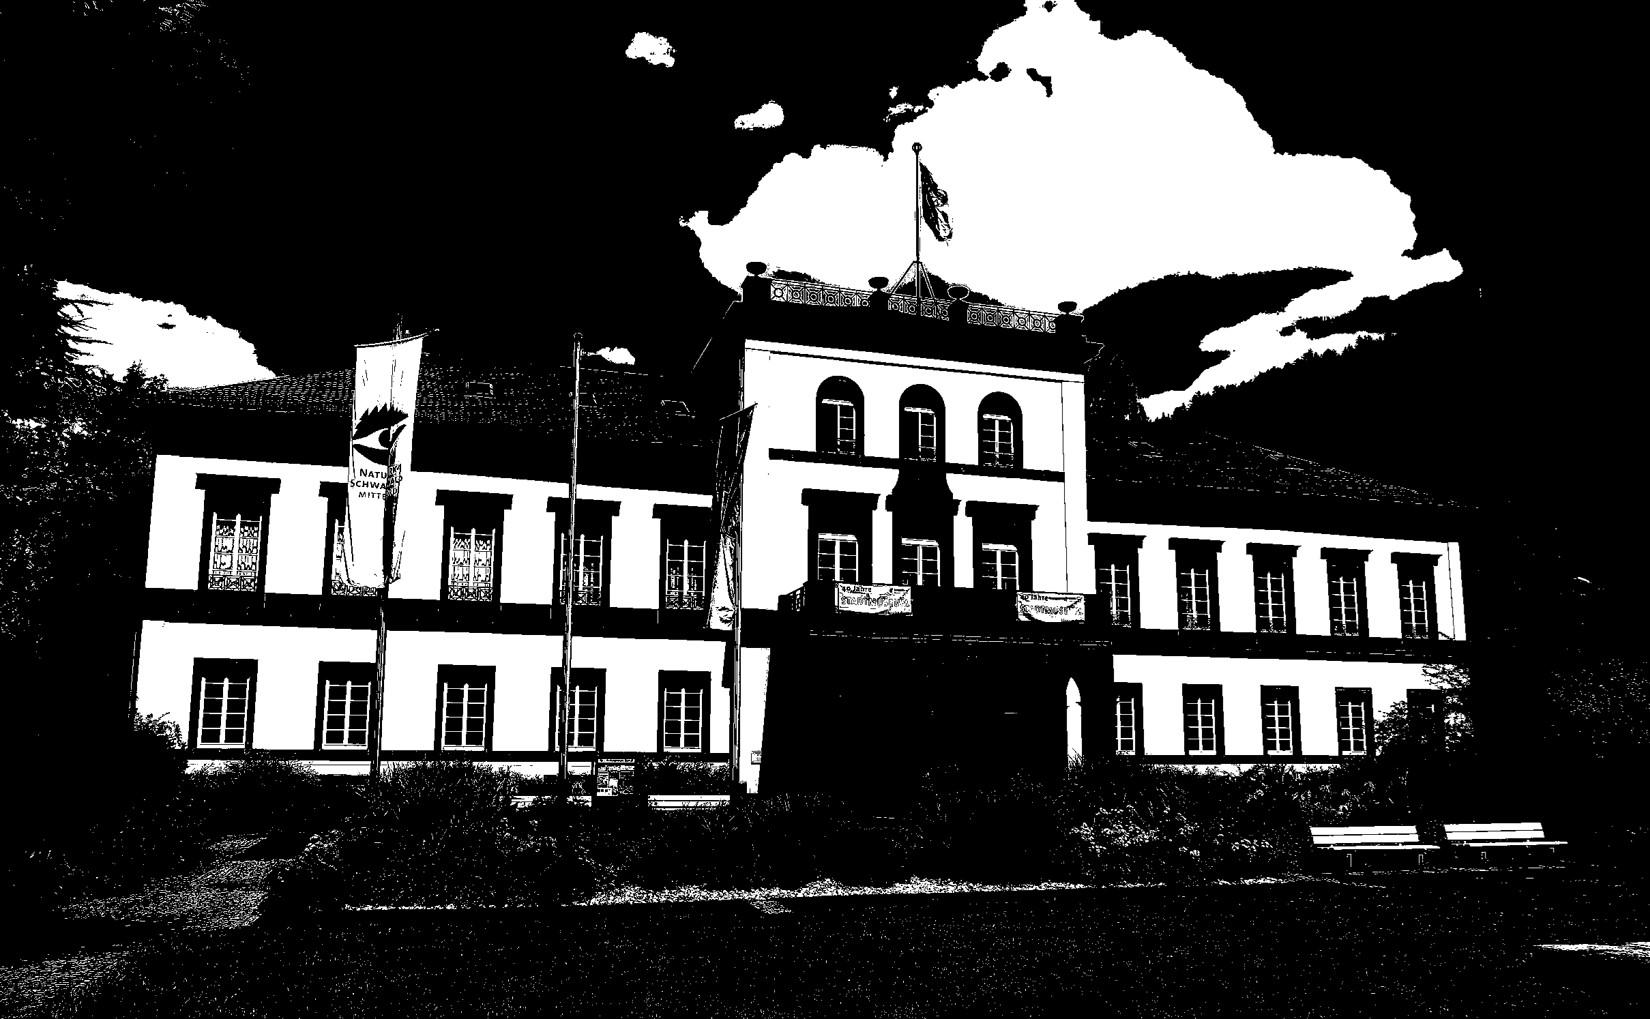 Bild Schloss in Schwarz Weiß